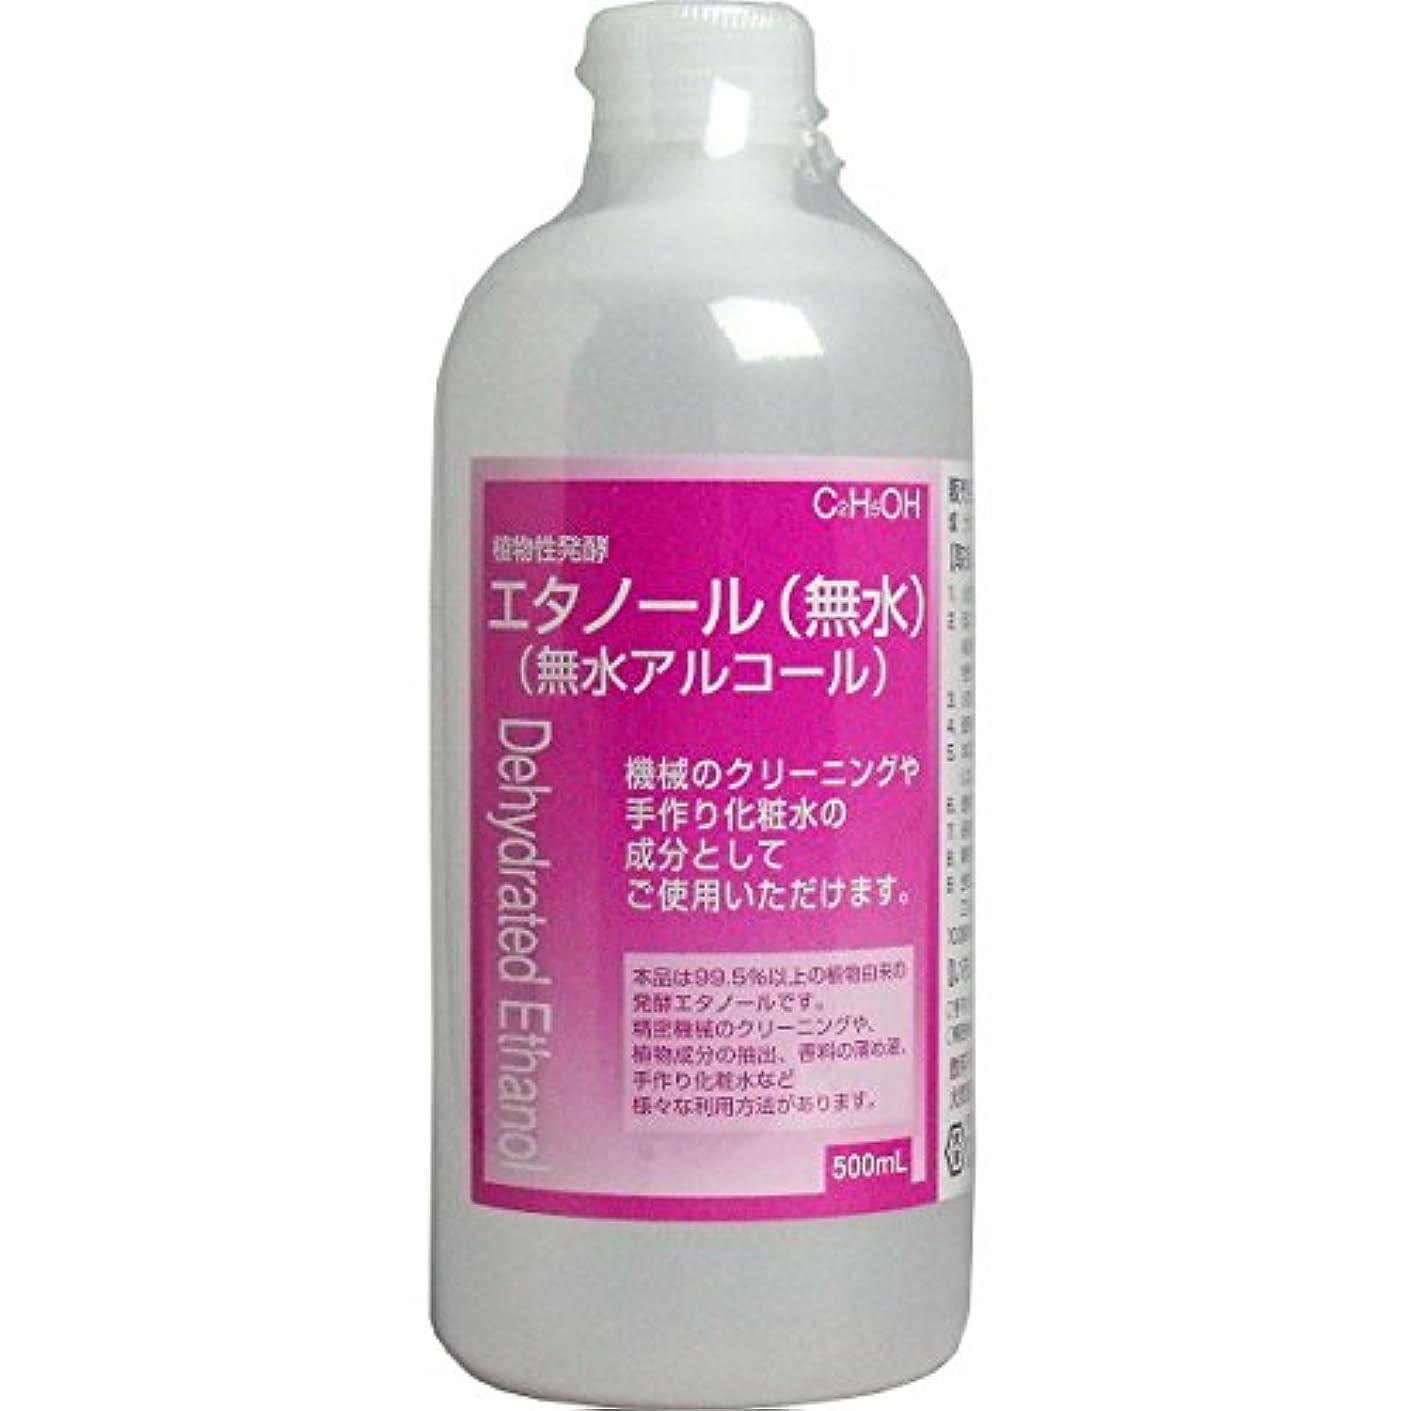 パワーセル食べる発信手作り化粧水に 植物性発酵エタノール(無水エタノール) 500mL